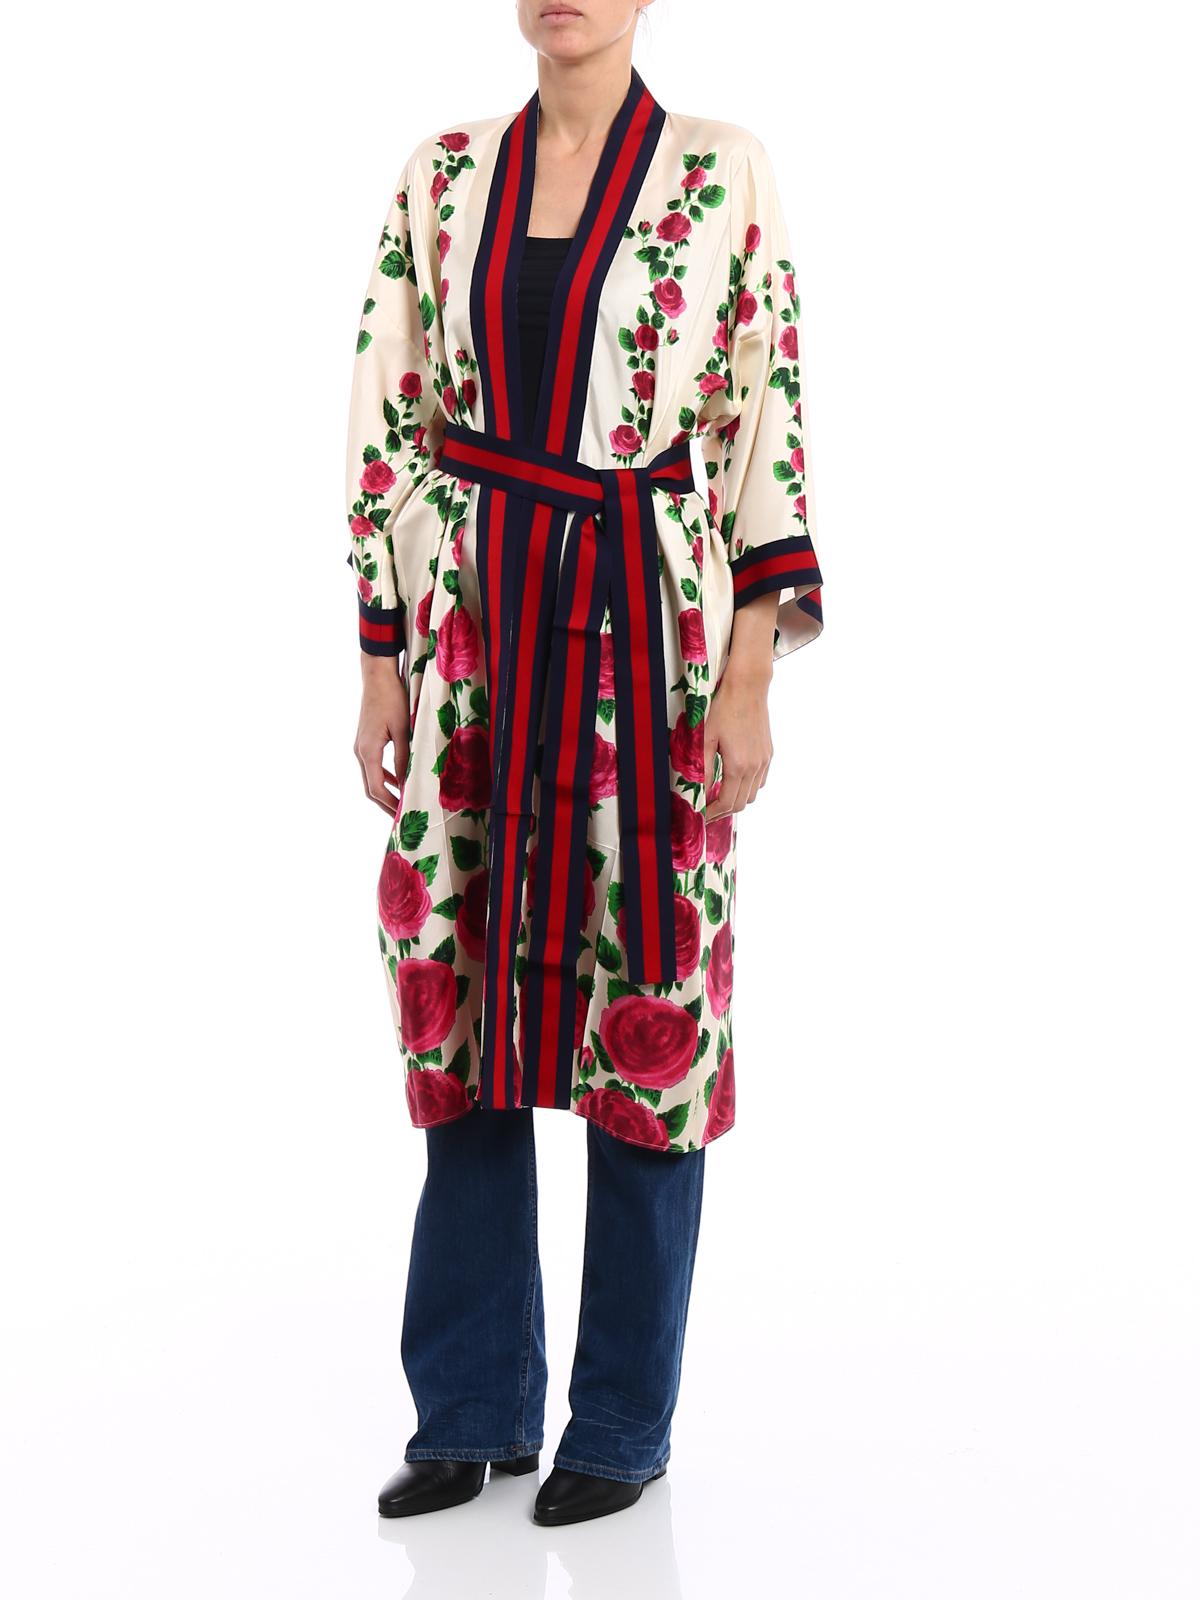 Gucci - Knielanges Kleid - Bunt - Knielange Kleider - 504375 ZKP90 9323